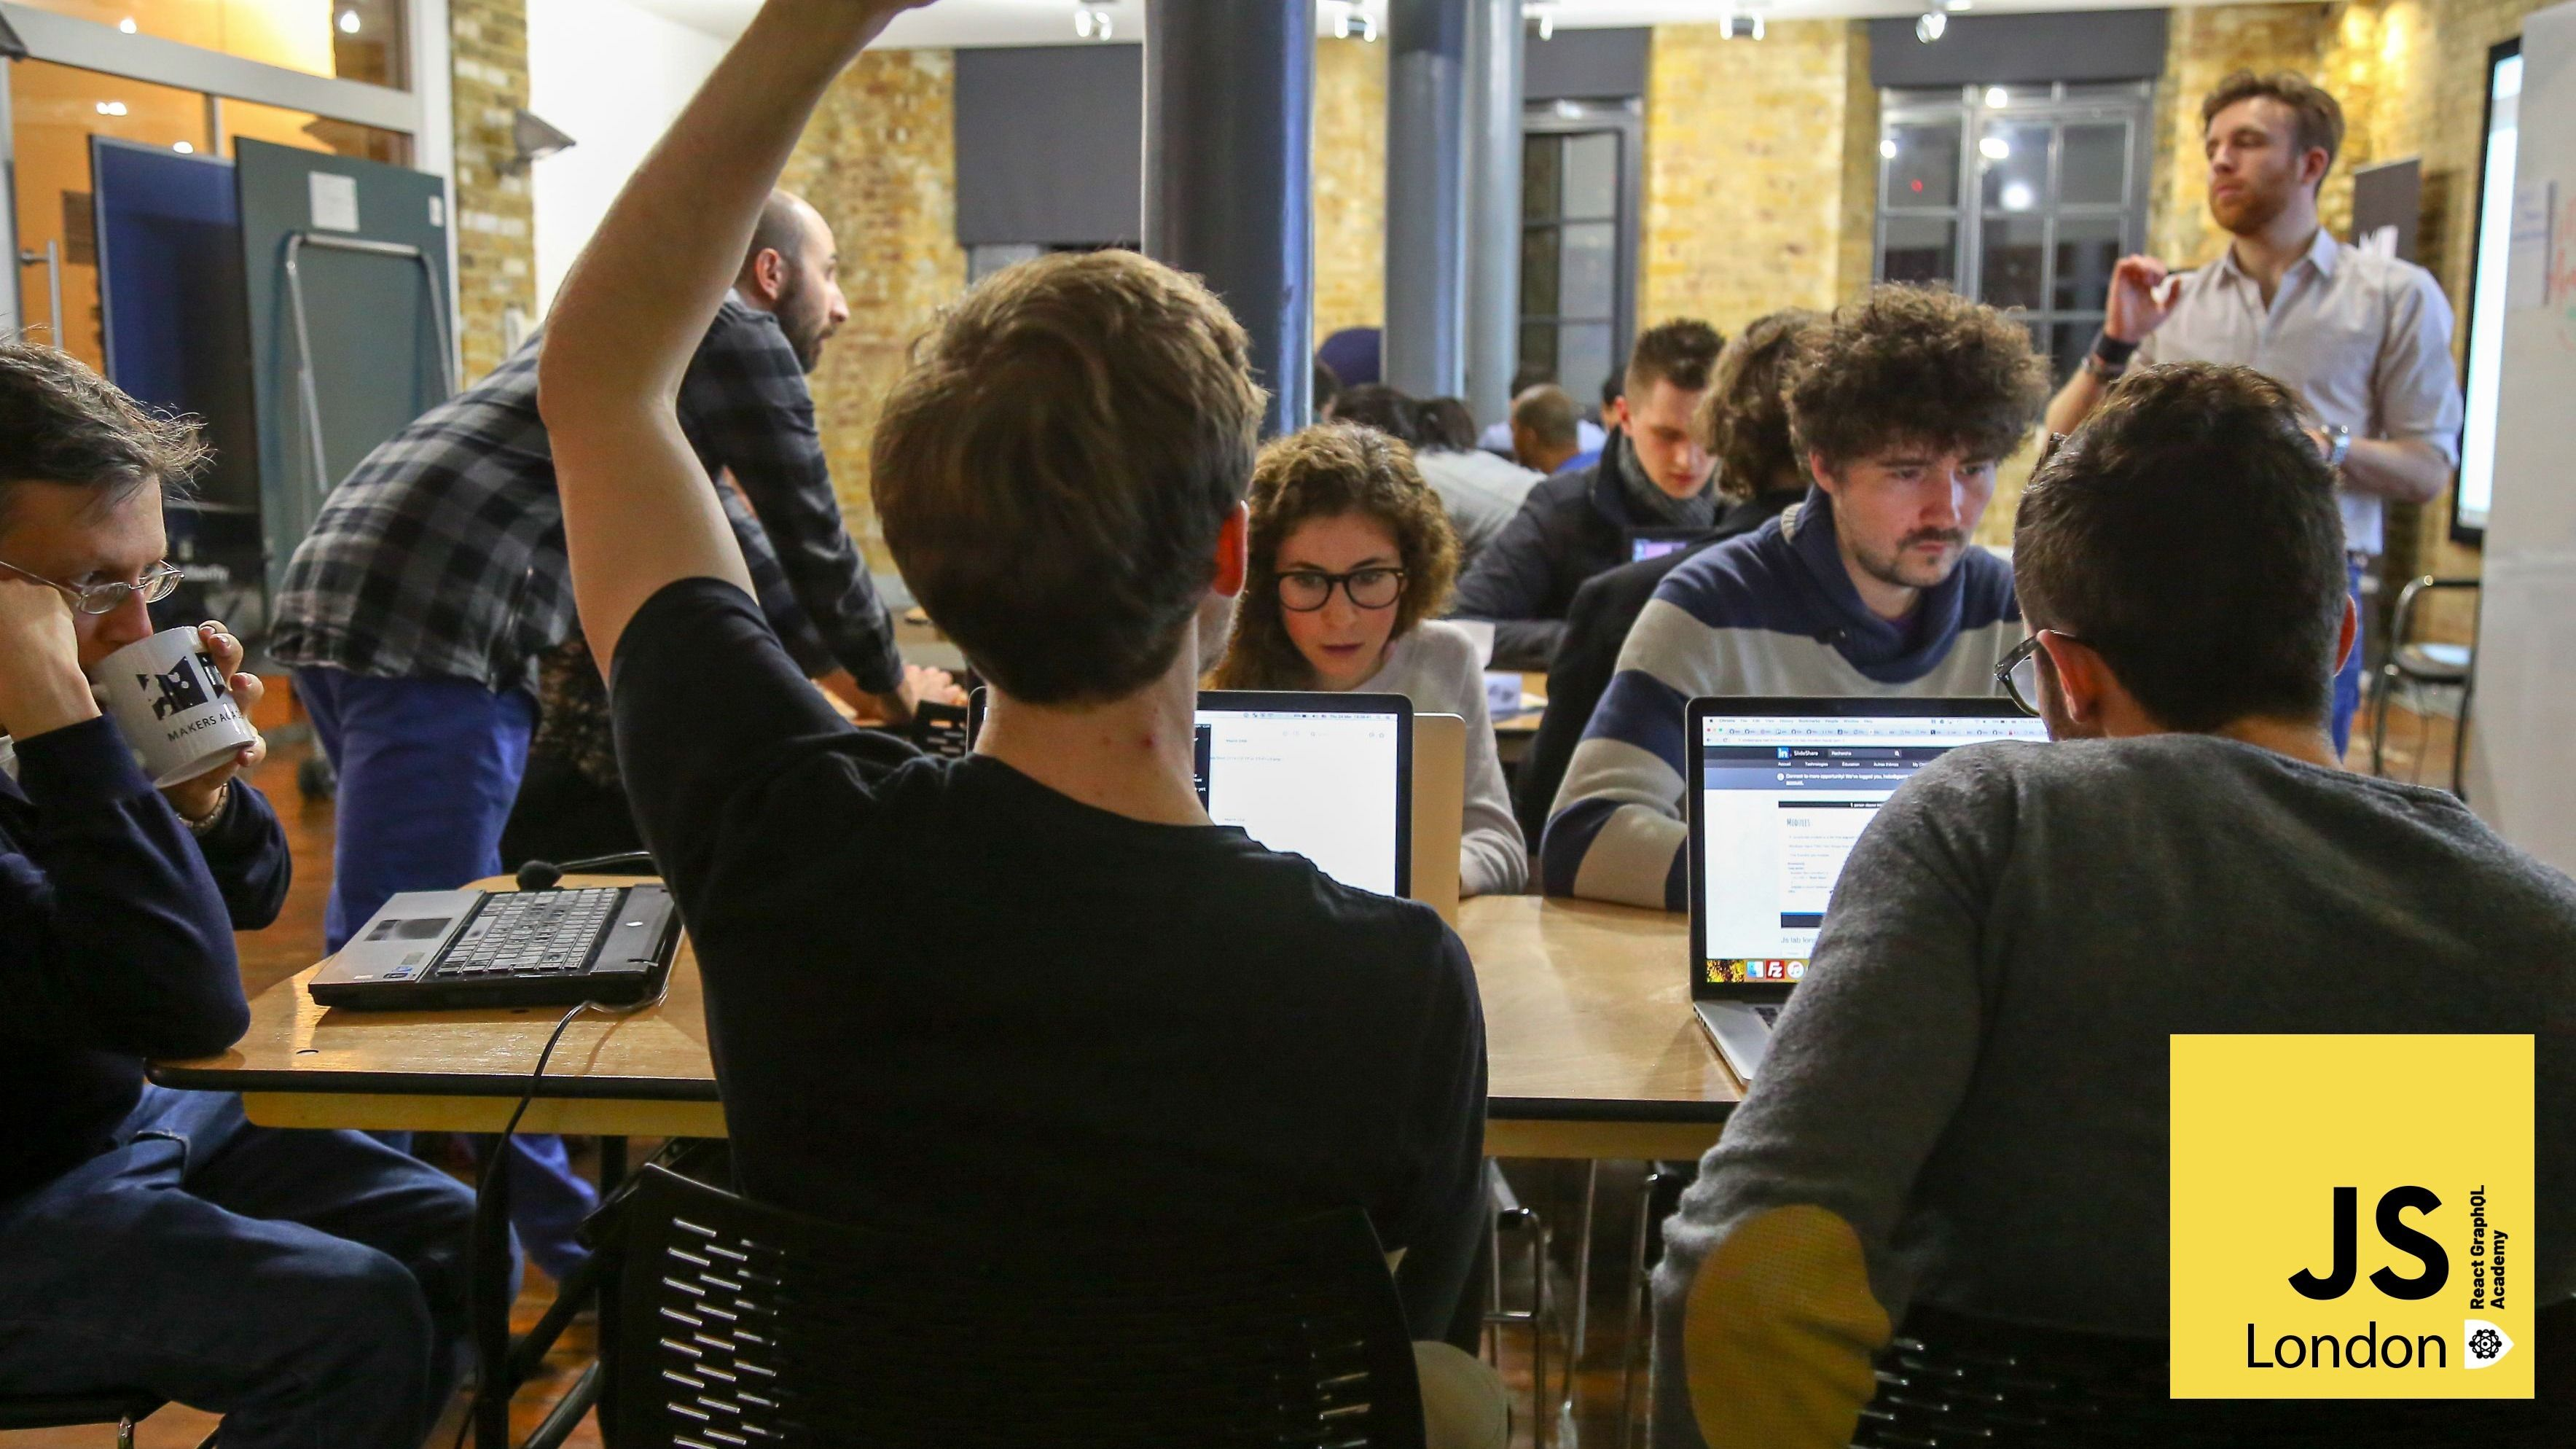 JavaScript London